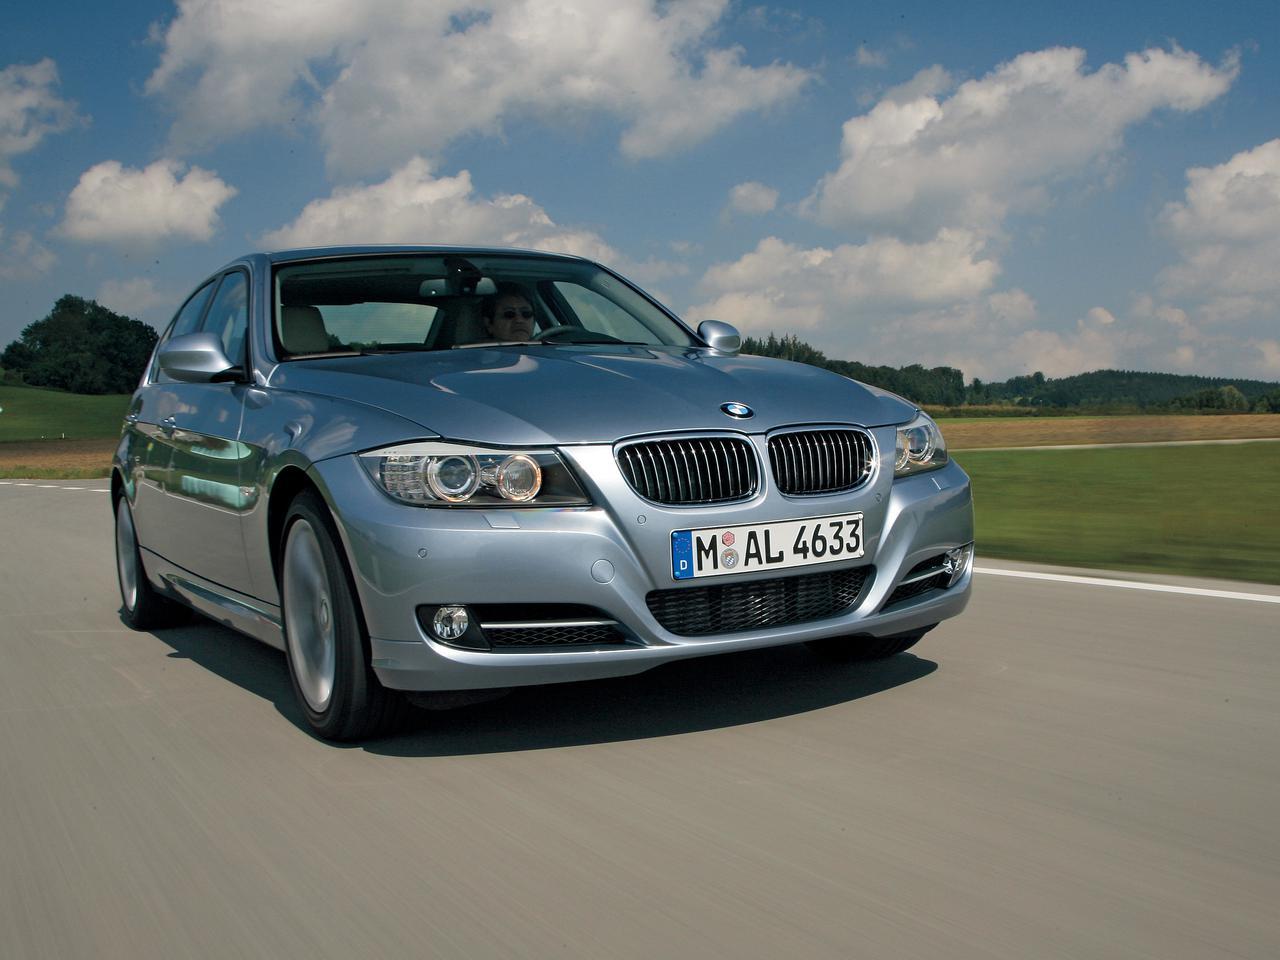 【試乗】E90型BMW3シリーズは外観を新たに、再び魅力をアップしていた【10年ひと昔の新車】